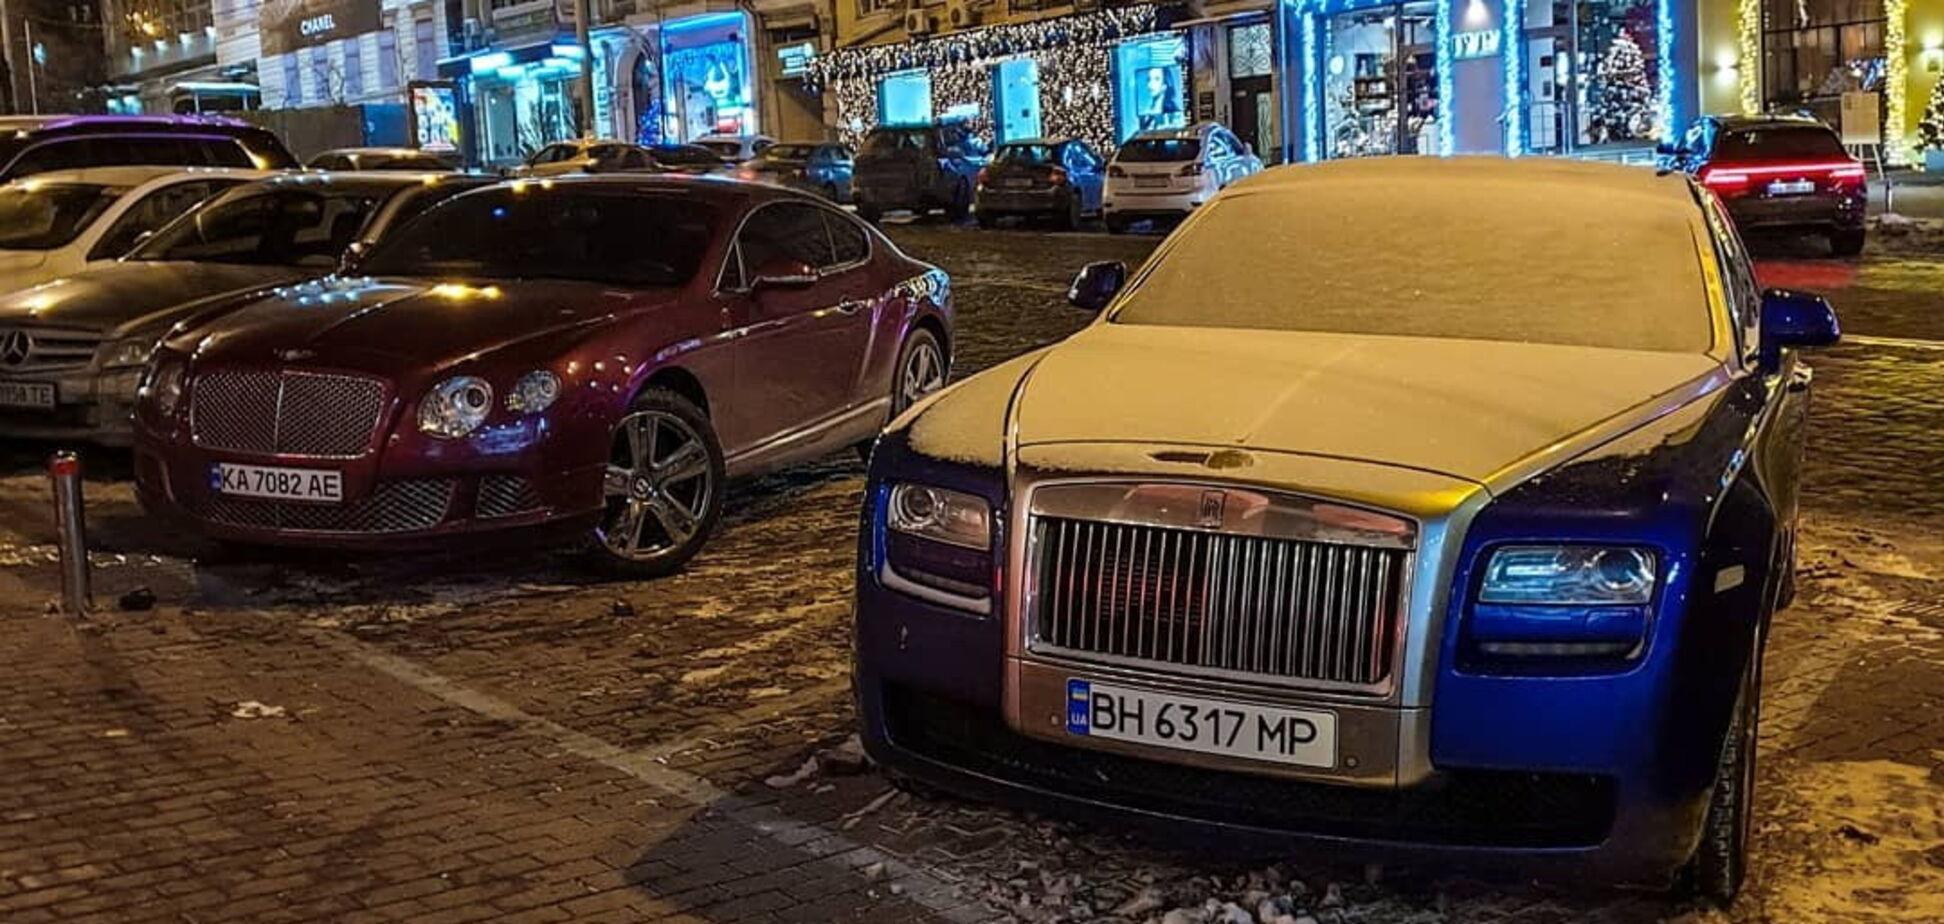 У Києві помітили на парковці два суперкари-конкуренти на мільйон